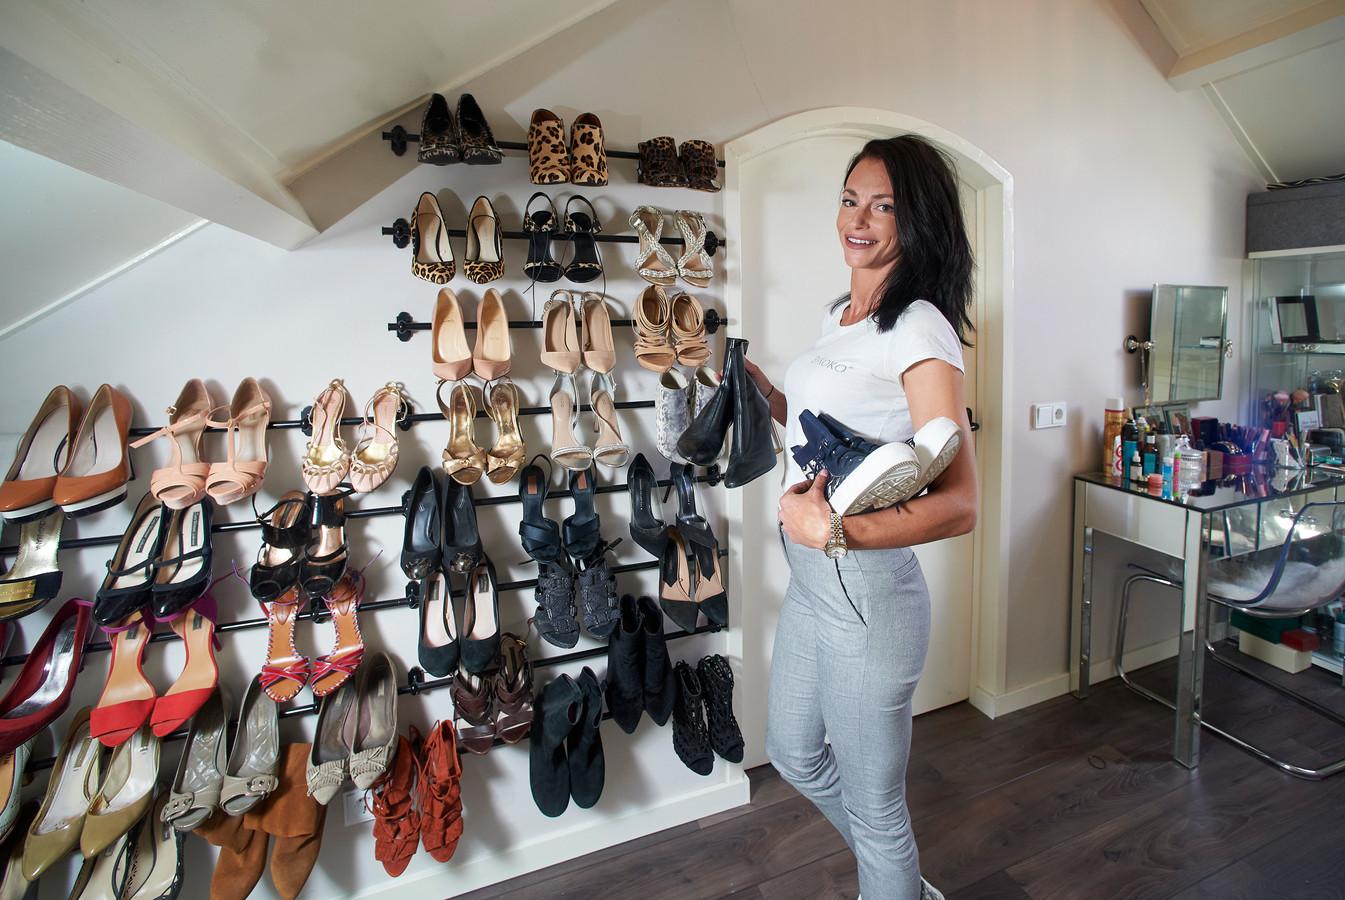 Krystel Masuger uit Veghel is organizer: haar werk is het opruimen, categoriseren en indelen van spullen. Bij mensen thuis, maar ook op kantoren en kinderdagverblijven. Op de foto thuis bij haar schoenenrek.